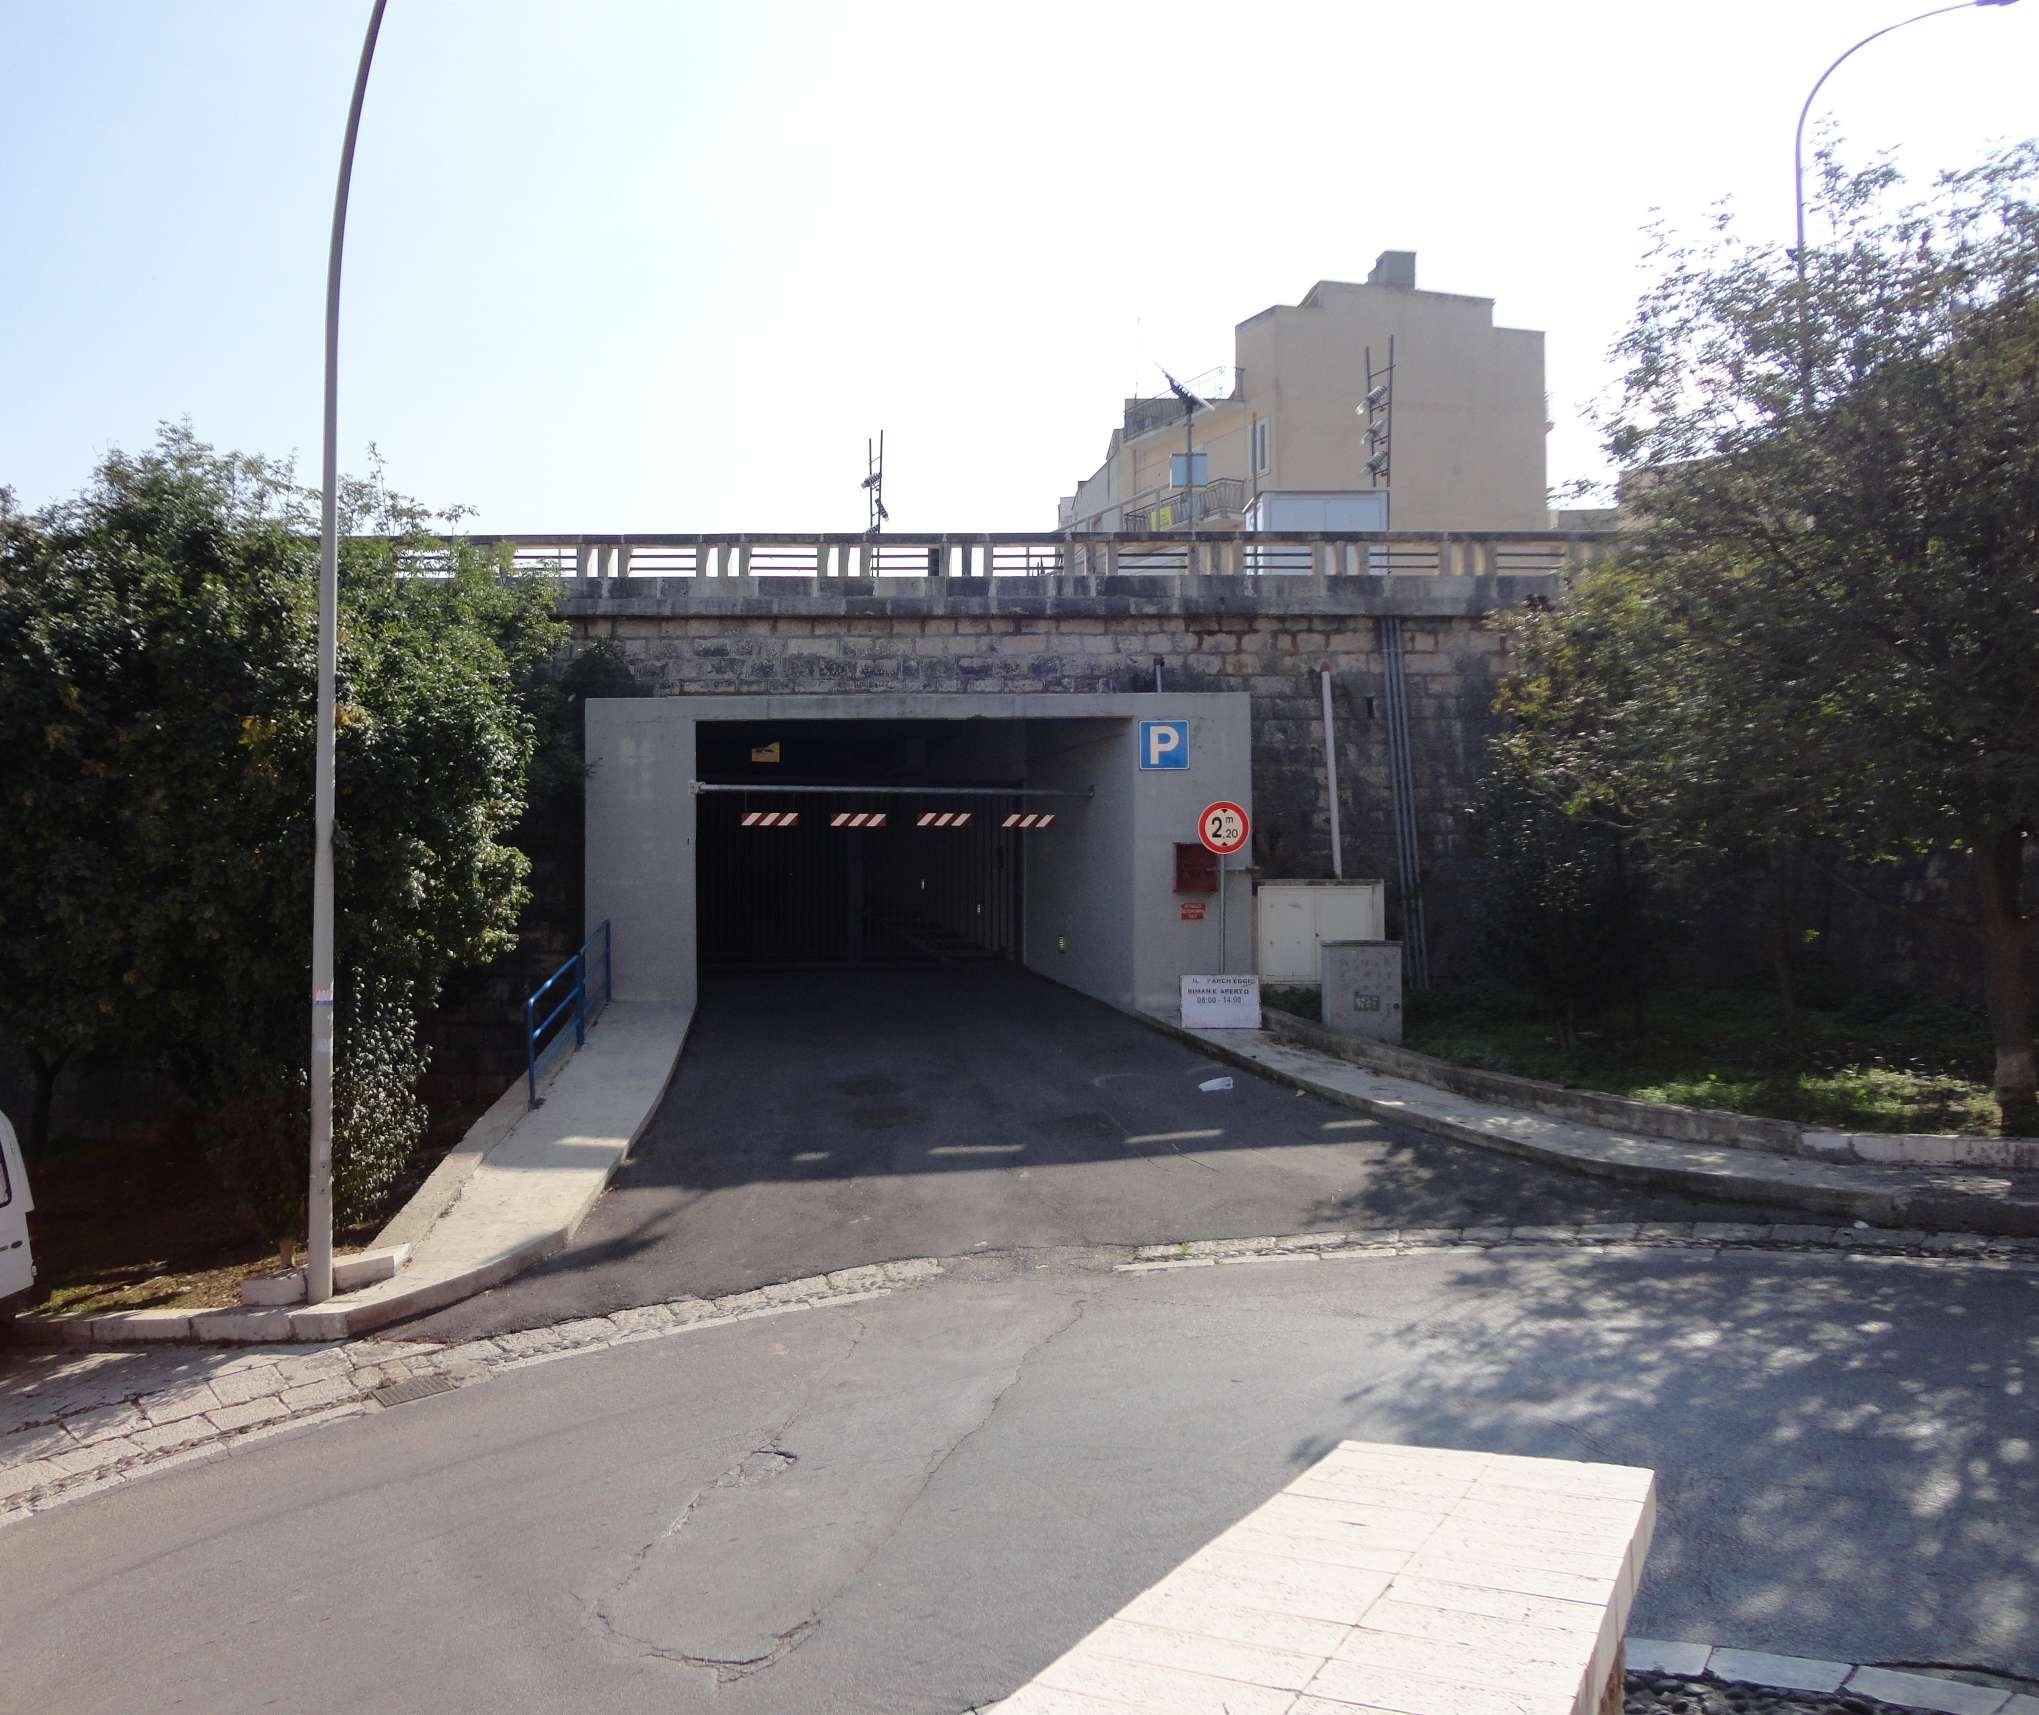 Prolungato l 39 orario del parcheggio sotterraneo alqamah - Parcheggio interrato ...